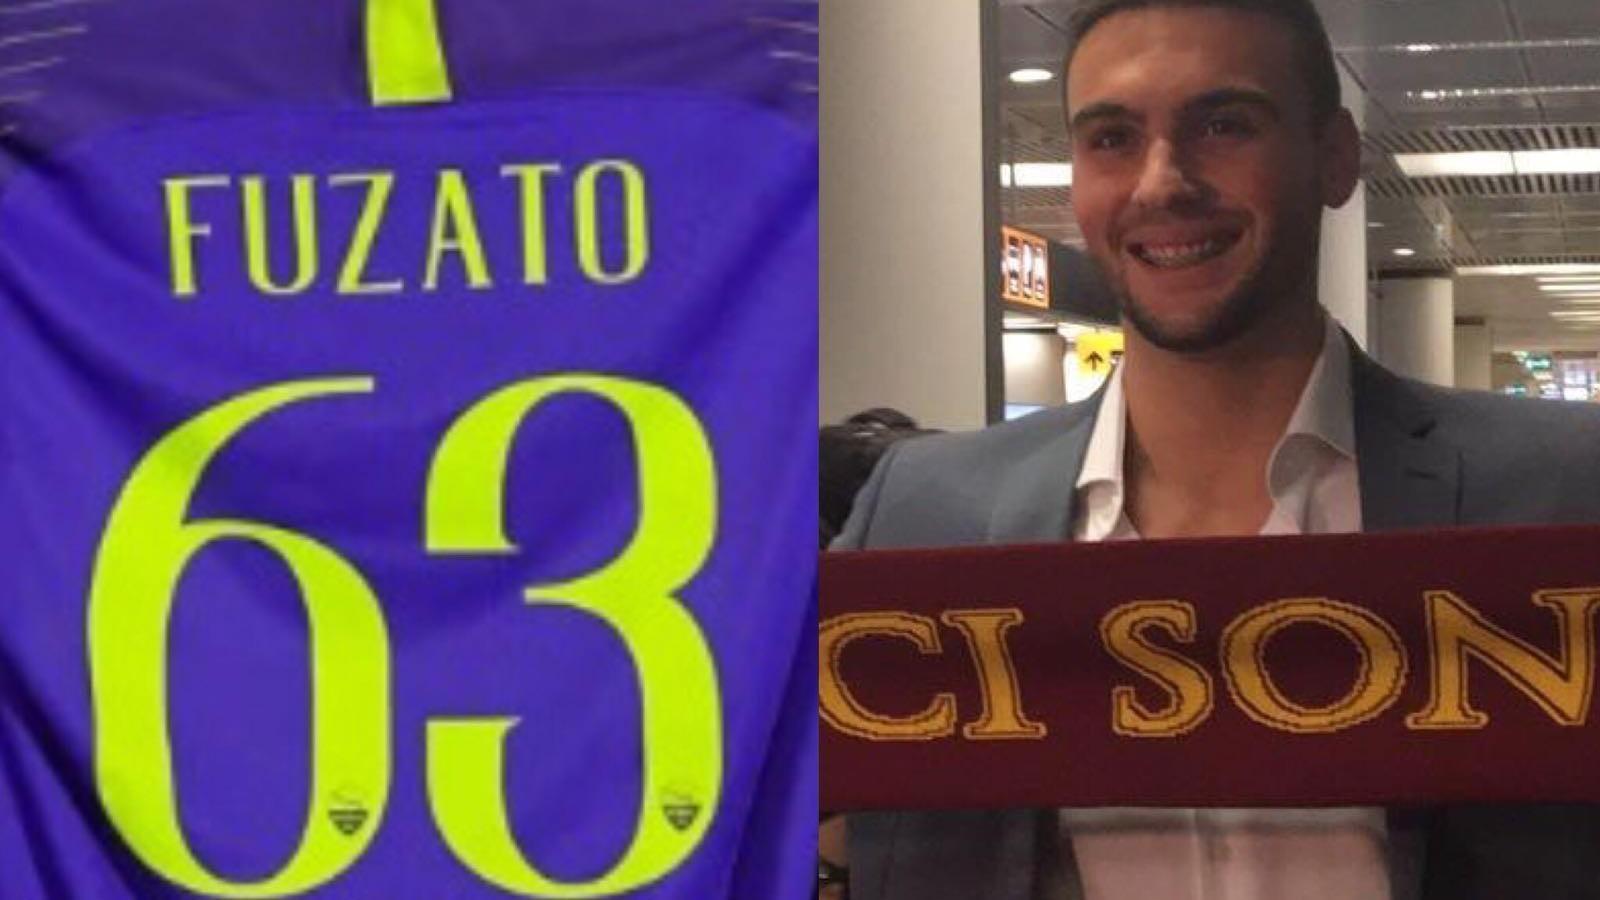 Daniel Fuzato è della Roma, ha scelto la maglia numero 63